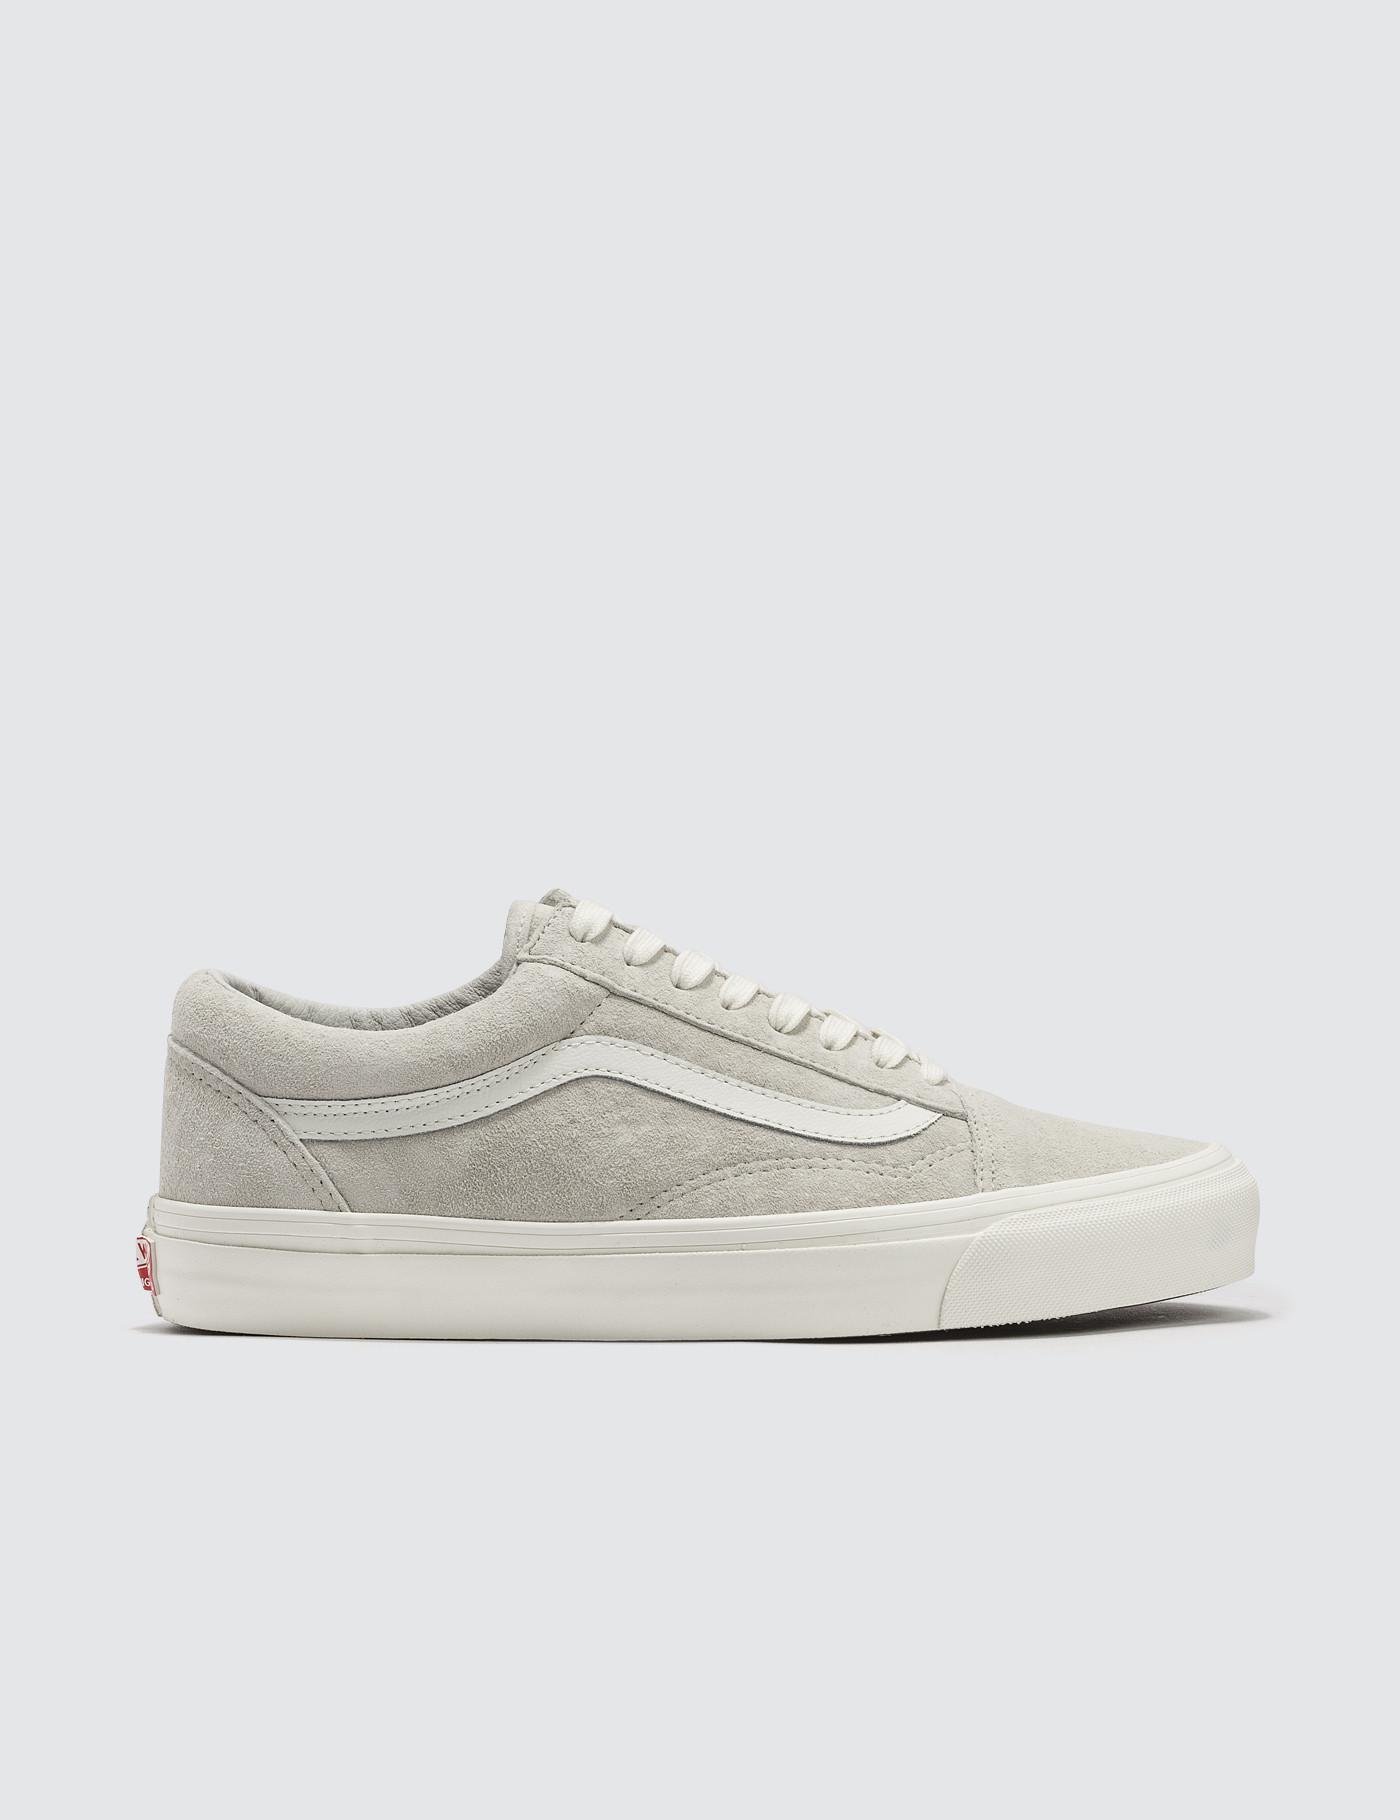 a307a8d9a64 Vans Vault Og Old Skool Lx in White for Men - Lyst